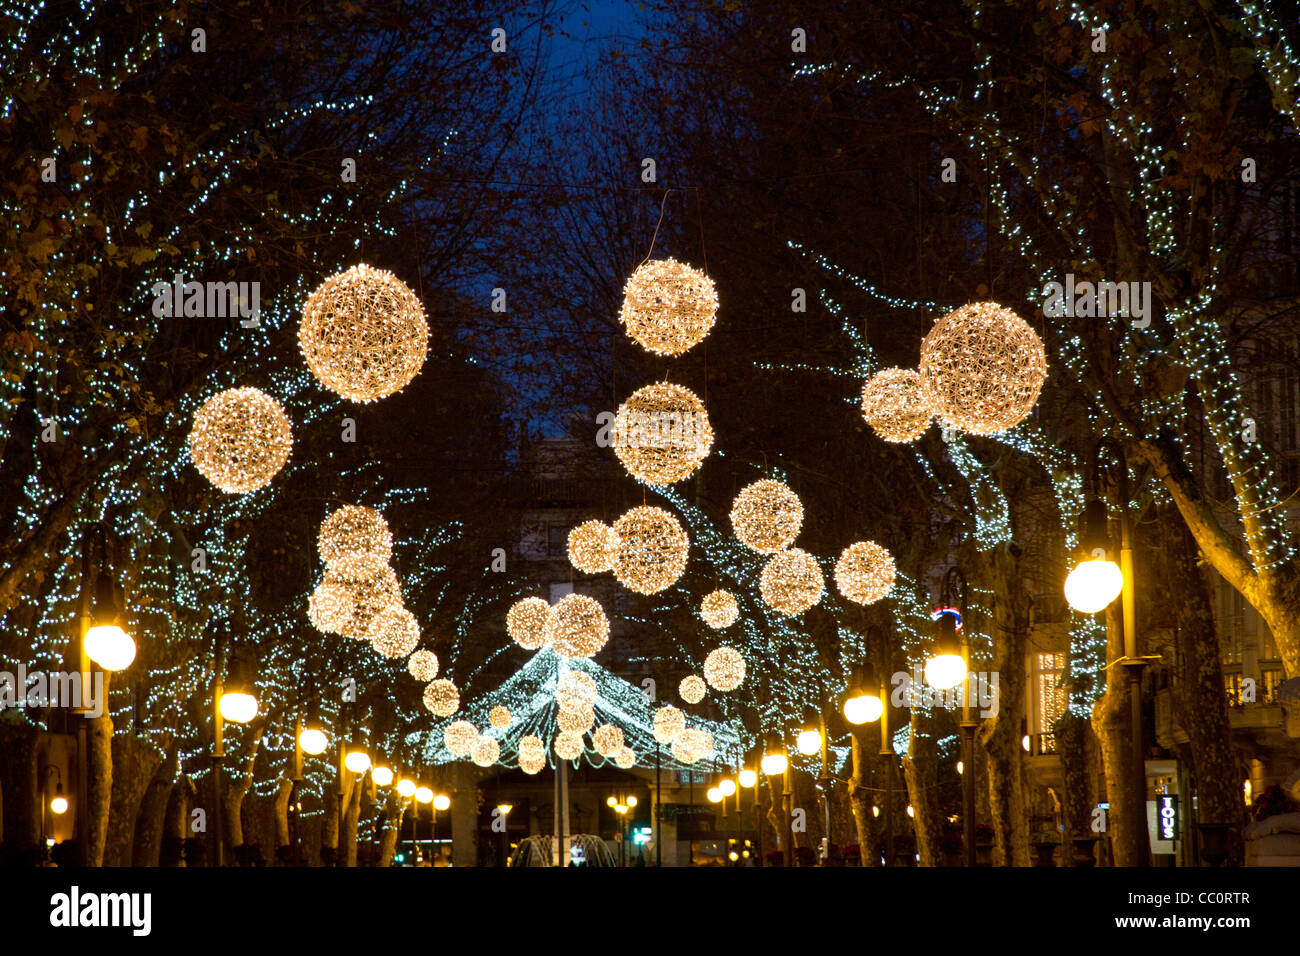 Decorazioni Luminose Natalizie : Le decorazioni di natale in strada sfere luminose luci appese palma